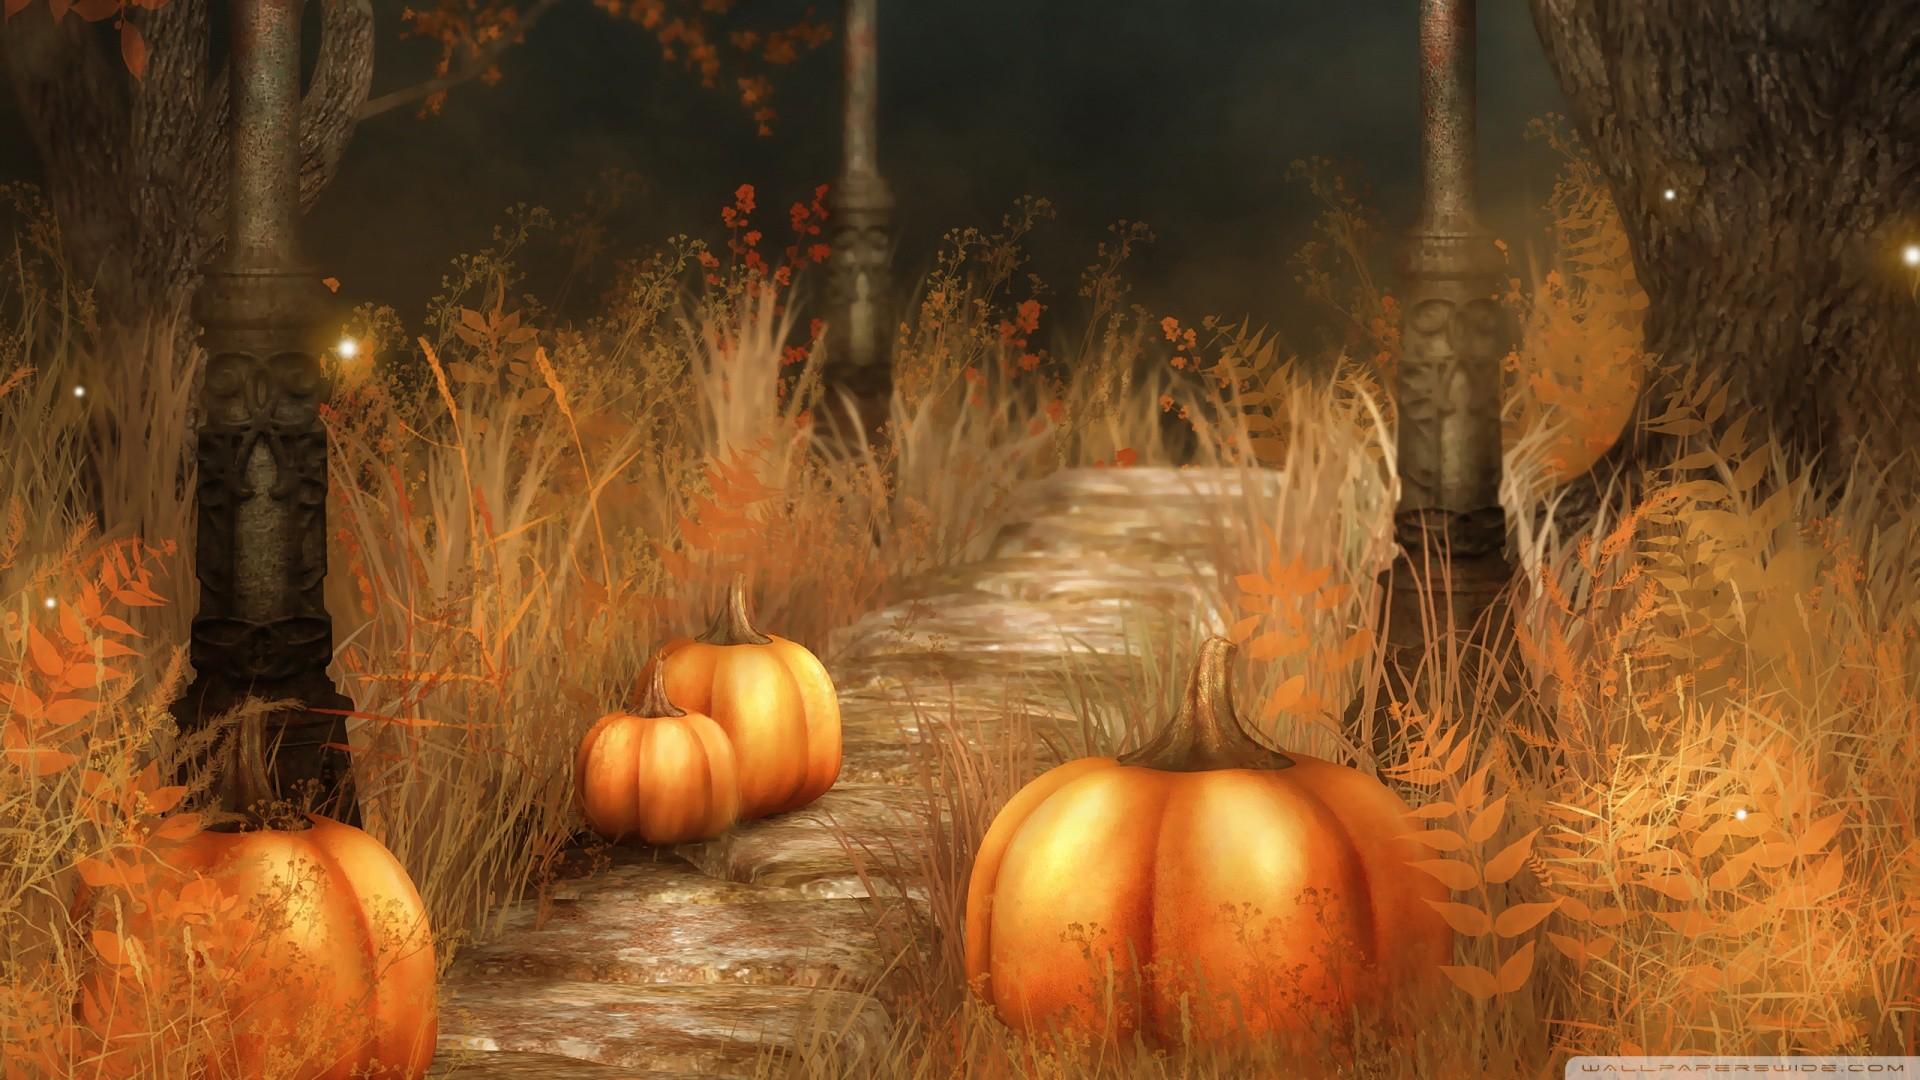 Cute Fall Pumpkins Wallpaper   Pumpkins Halloween Wallpaper Free Download